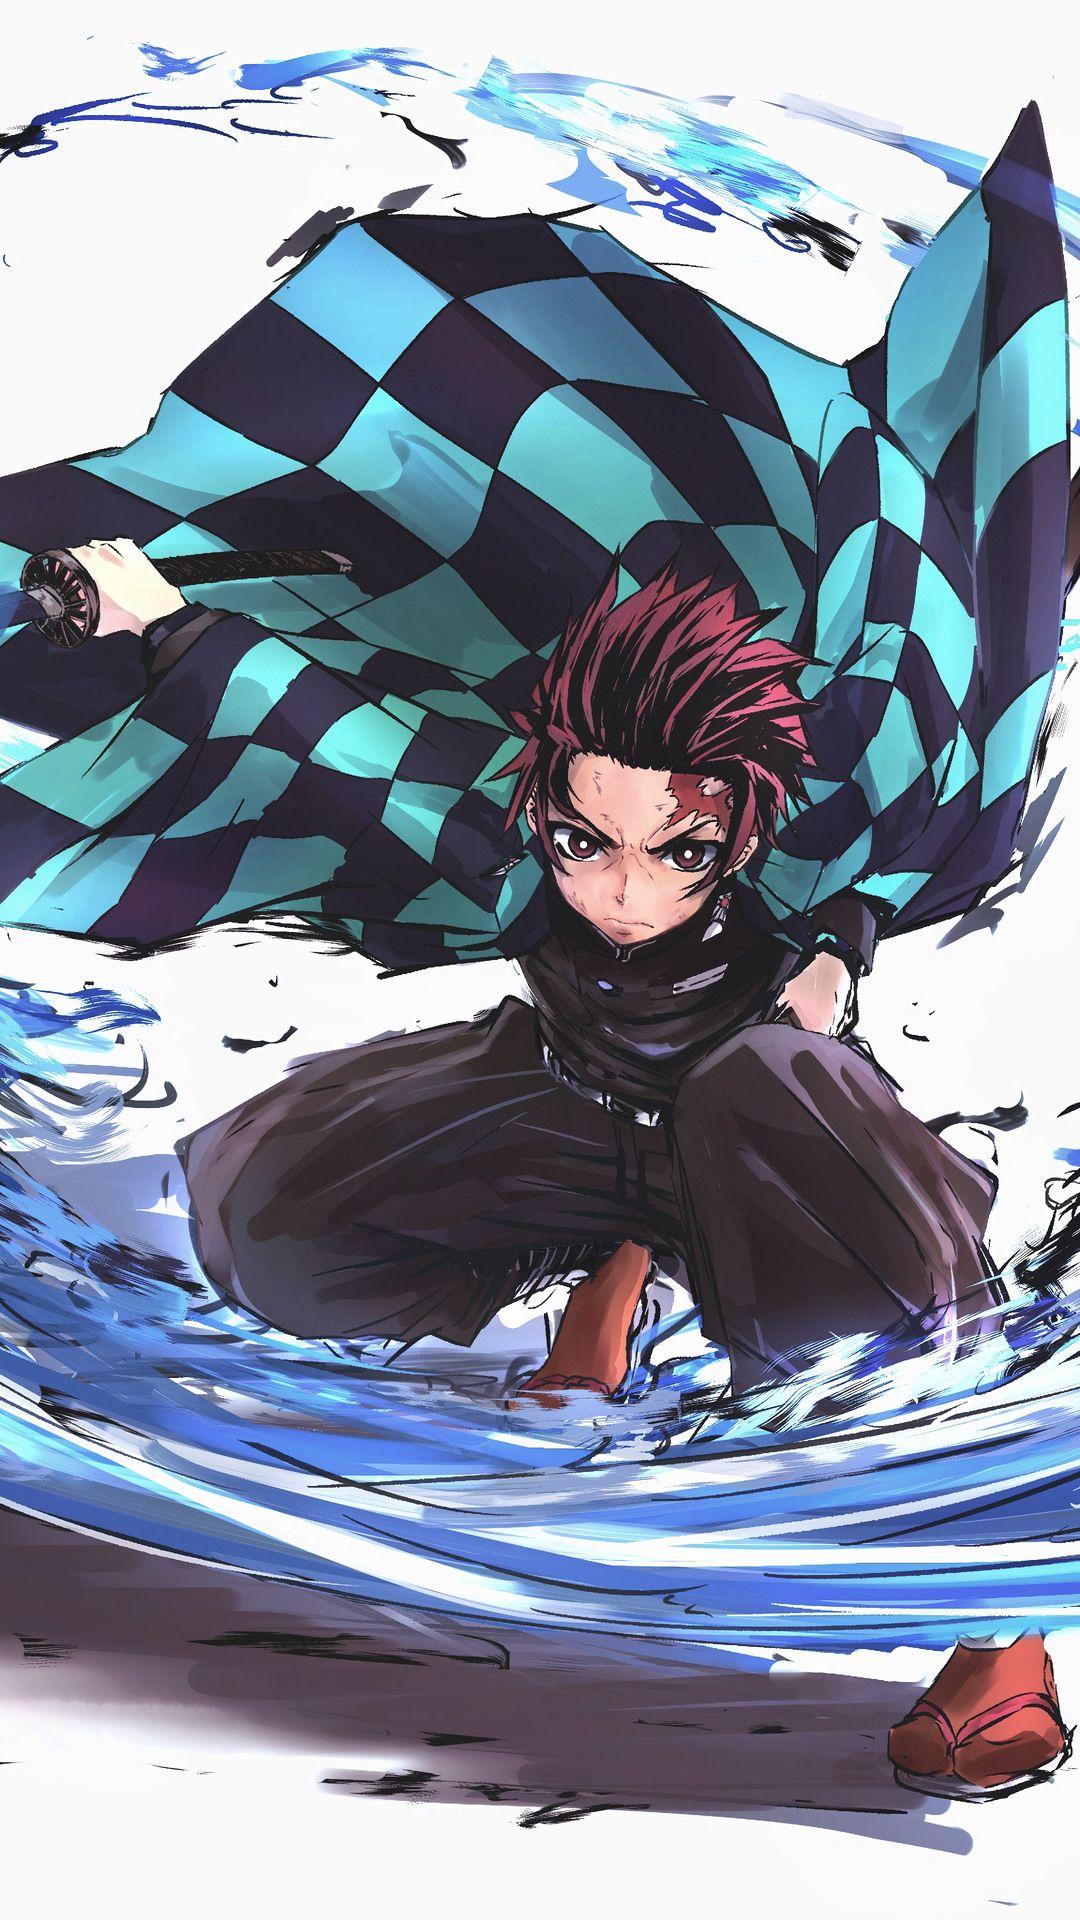 Best Demon Slayer Tanjiro Kamado HD Wallpaper 2020 in 2020 ...